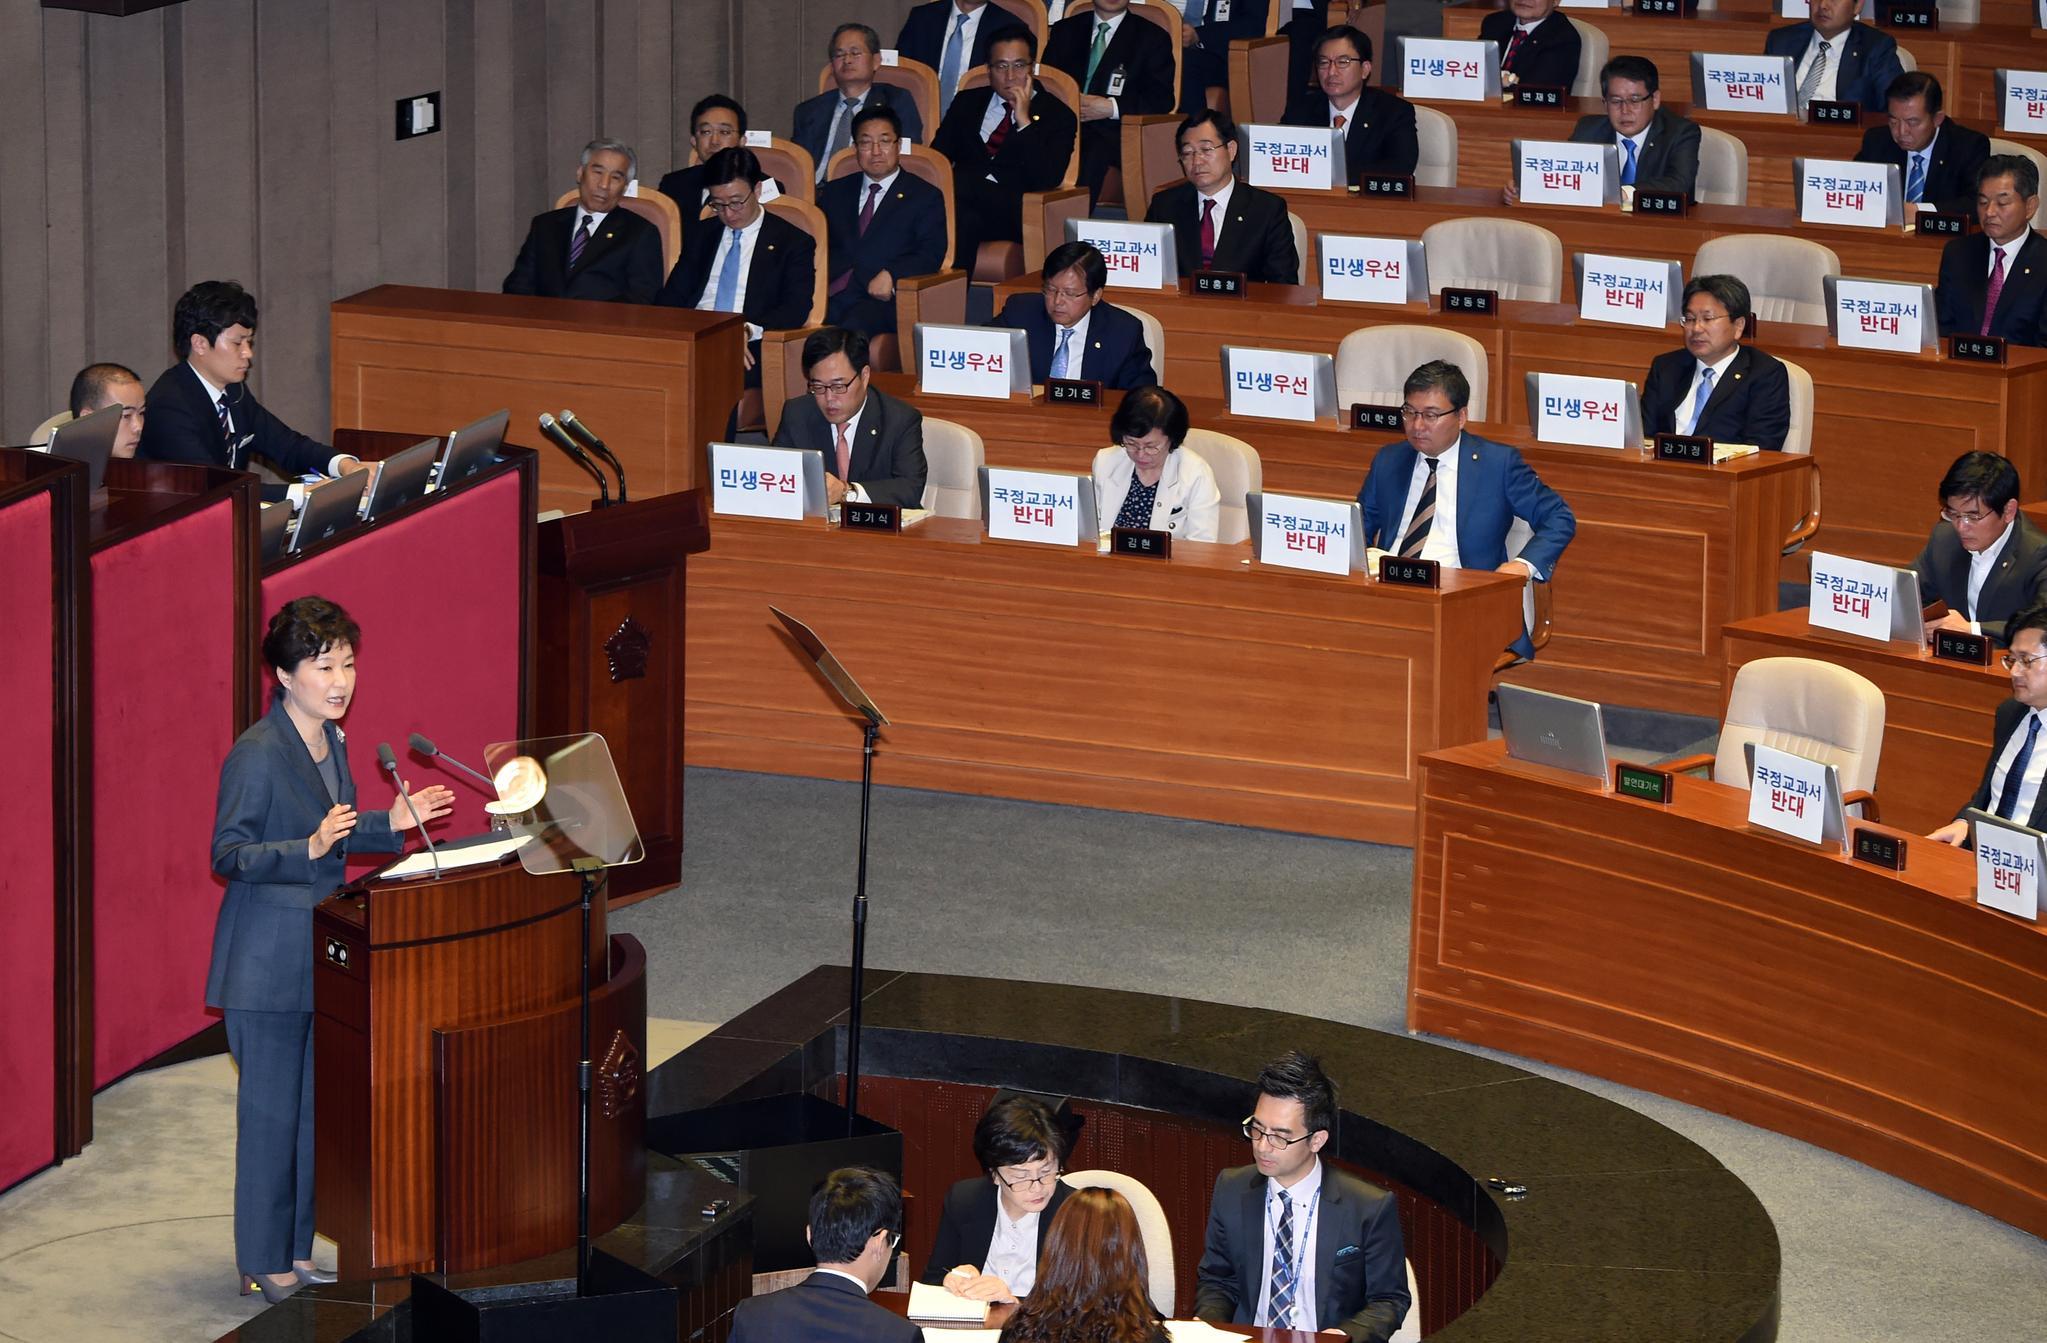 박근혜 대통령이 지난 2015년 10월 27일 서울 여의도 국회에서 '2016년도 예산안 시정 연설'을 하고 있다. 야당 의원들은 '민생우선' '국정교과서반대'라고 적힌 팻말을 책상위에 올려놓았다. 김상선 기자